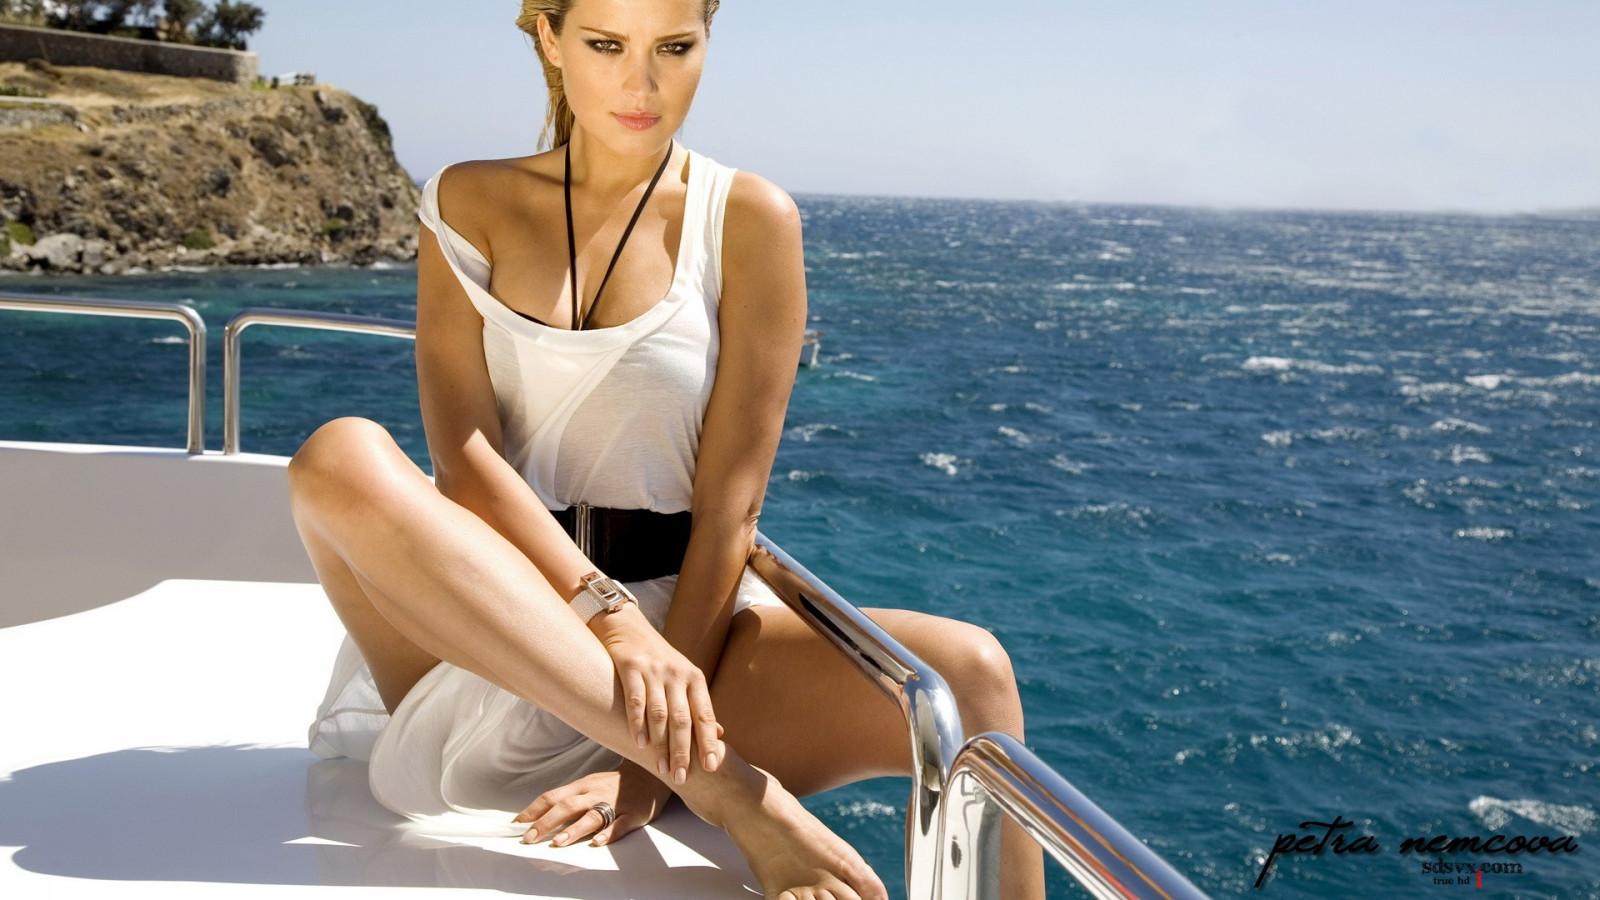 Девушки на катере в море фото